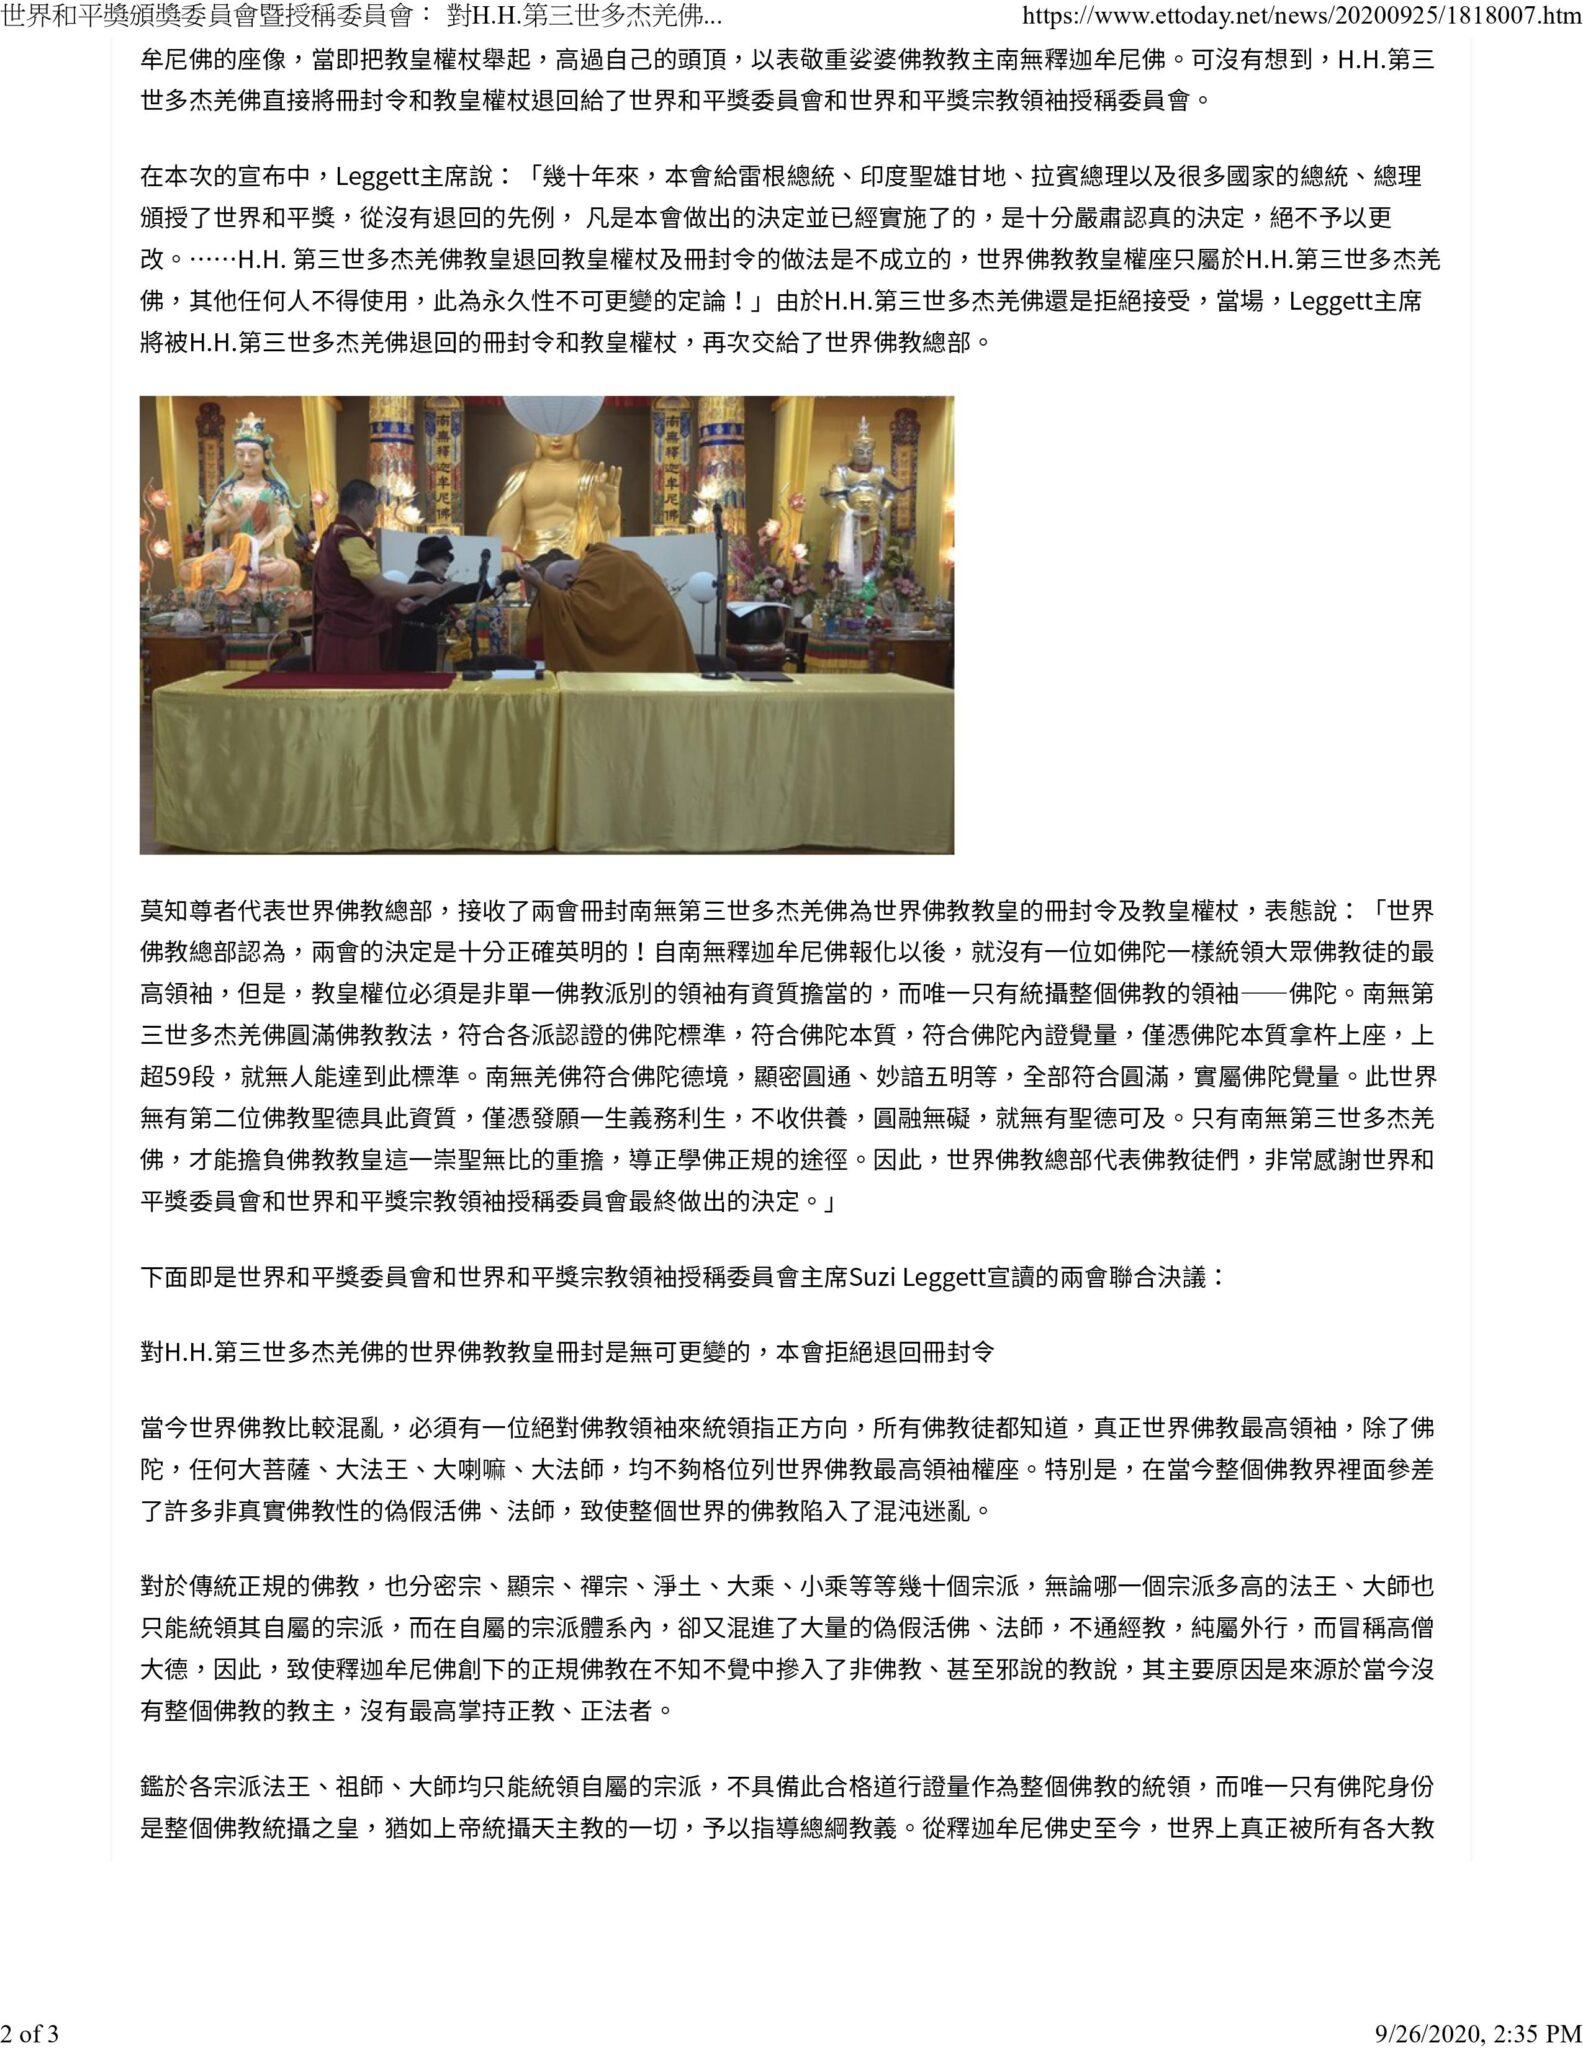 世界和平奖颁奖委员会和世界和平奖宗教领袖授称委员会联合决议:南无第三世多杰羌佛退回世界佛教教皇册封令和教皇权杖是无效的 第4张